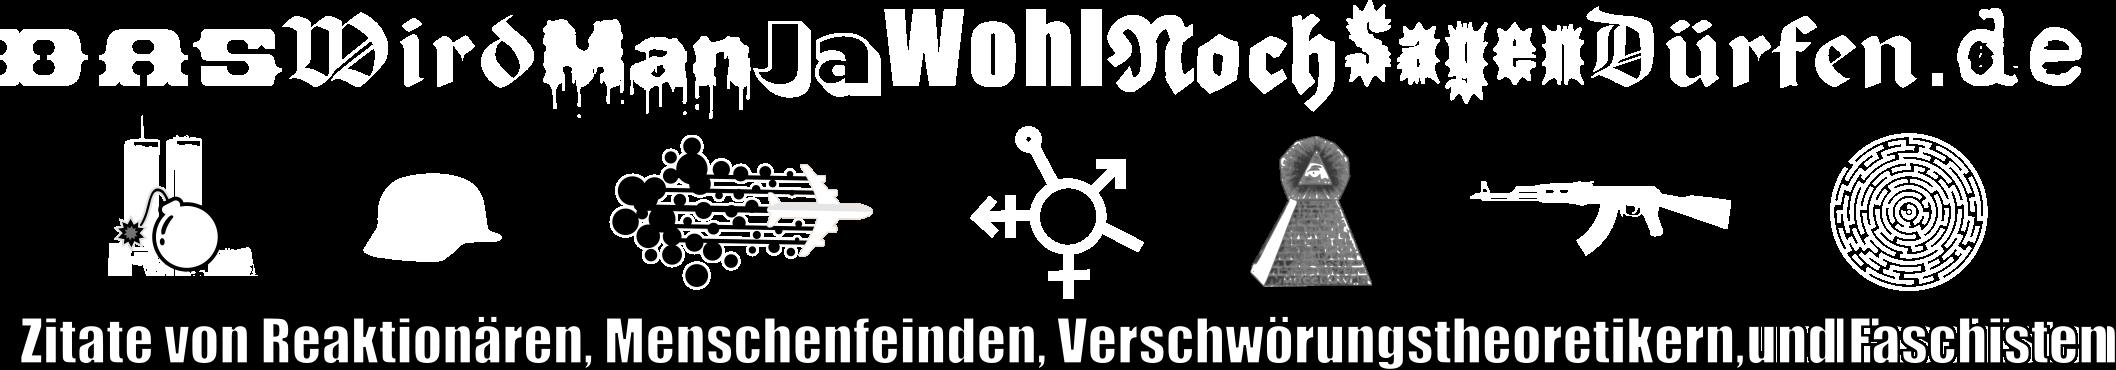 DasWirdManJaWohlNochSagenDürfen.de